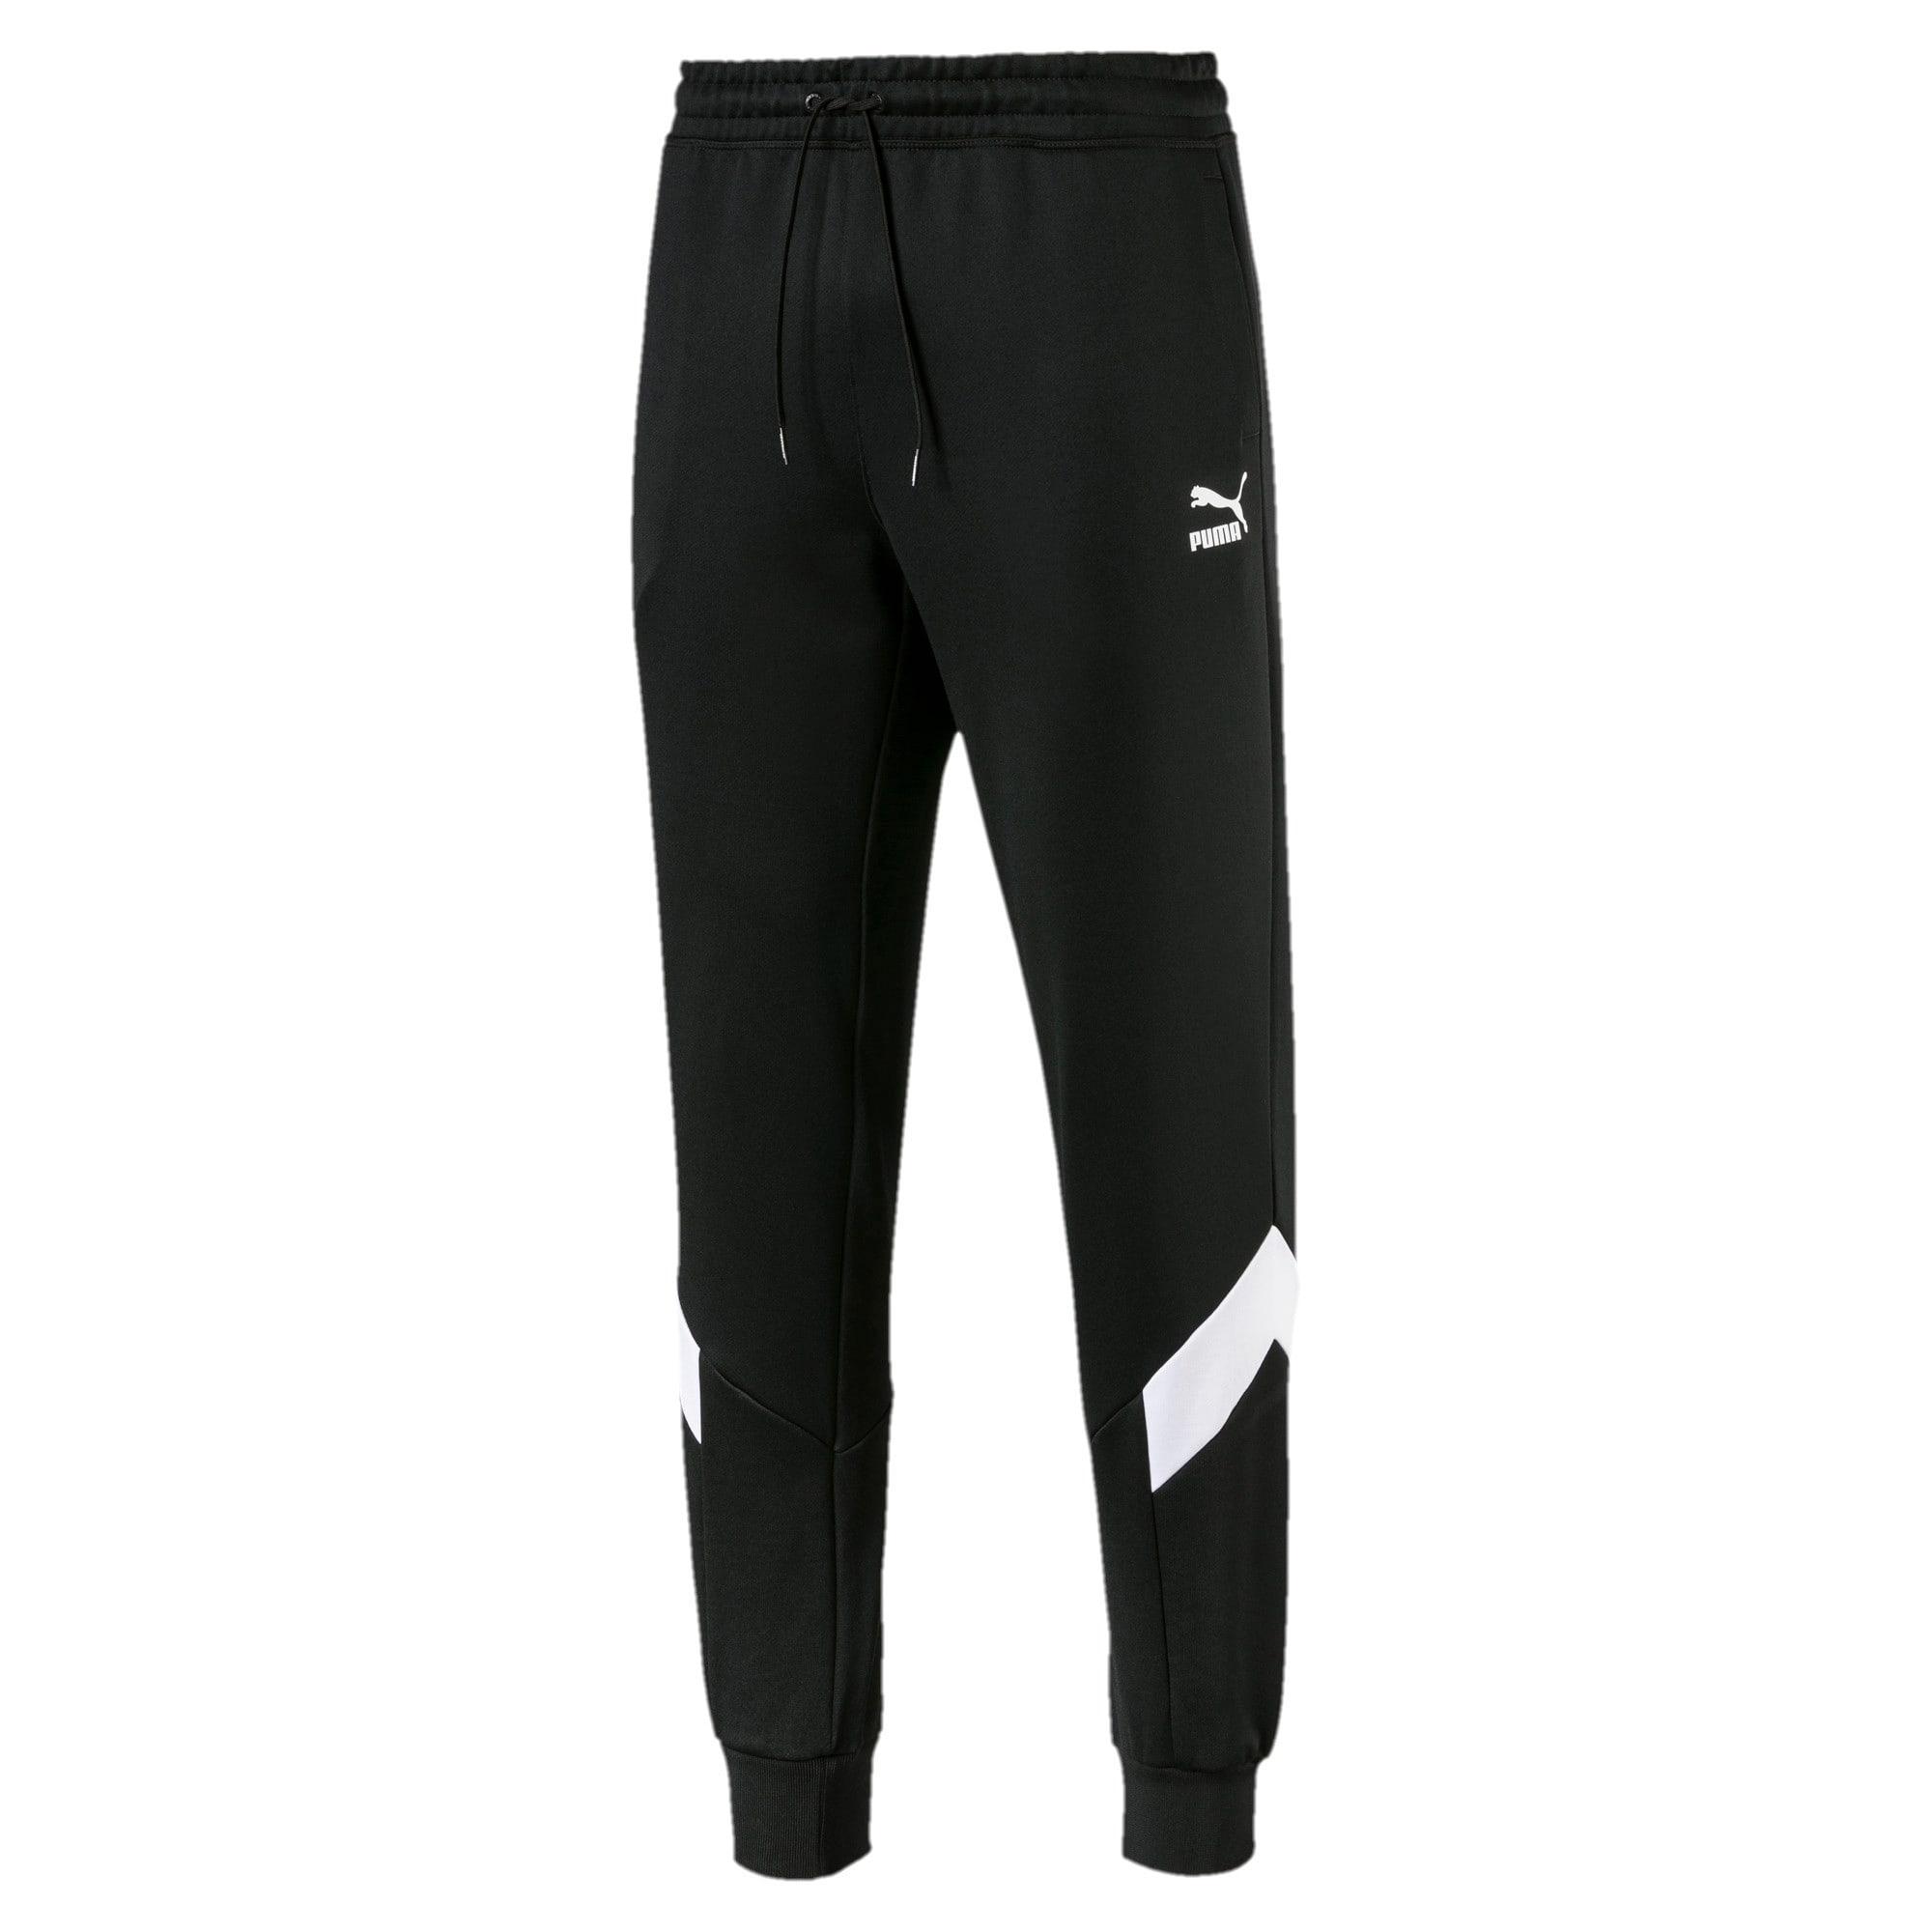 Thumbnail 1 of Iconic MCS Men's Track Pants, Puma Black -1, medium